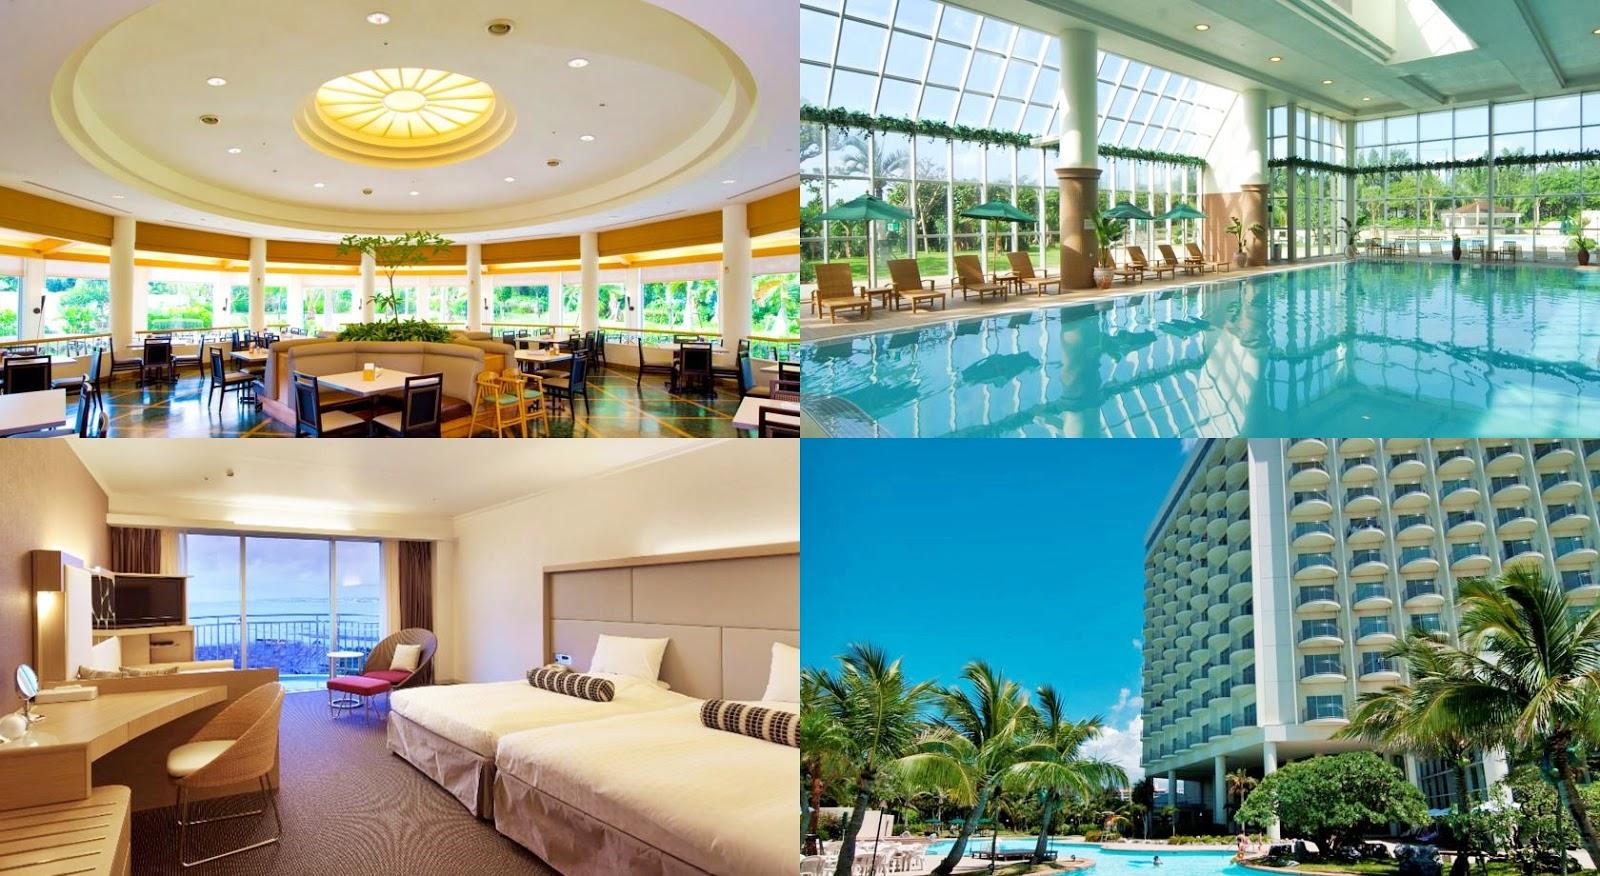 沖繩-住宿-推薦-飯店-旅館-民宿-公寓-拉格納花園酒店-Laguna-Garden-Hotel-Okinawa-hotel-recommendation